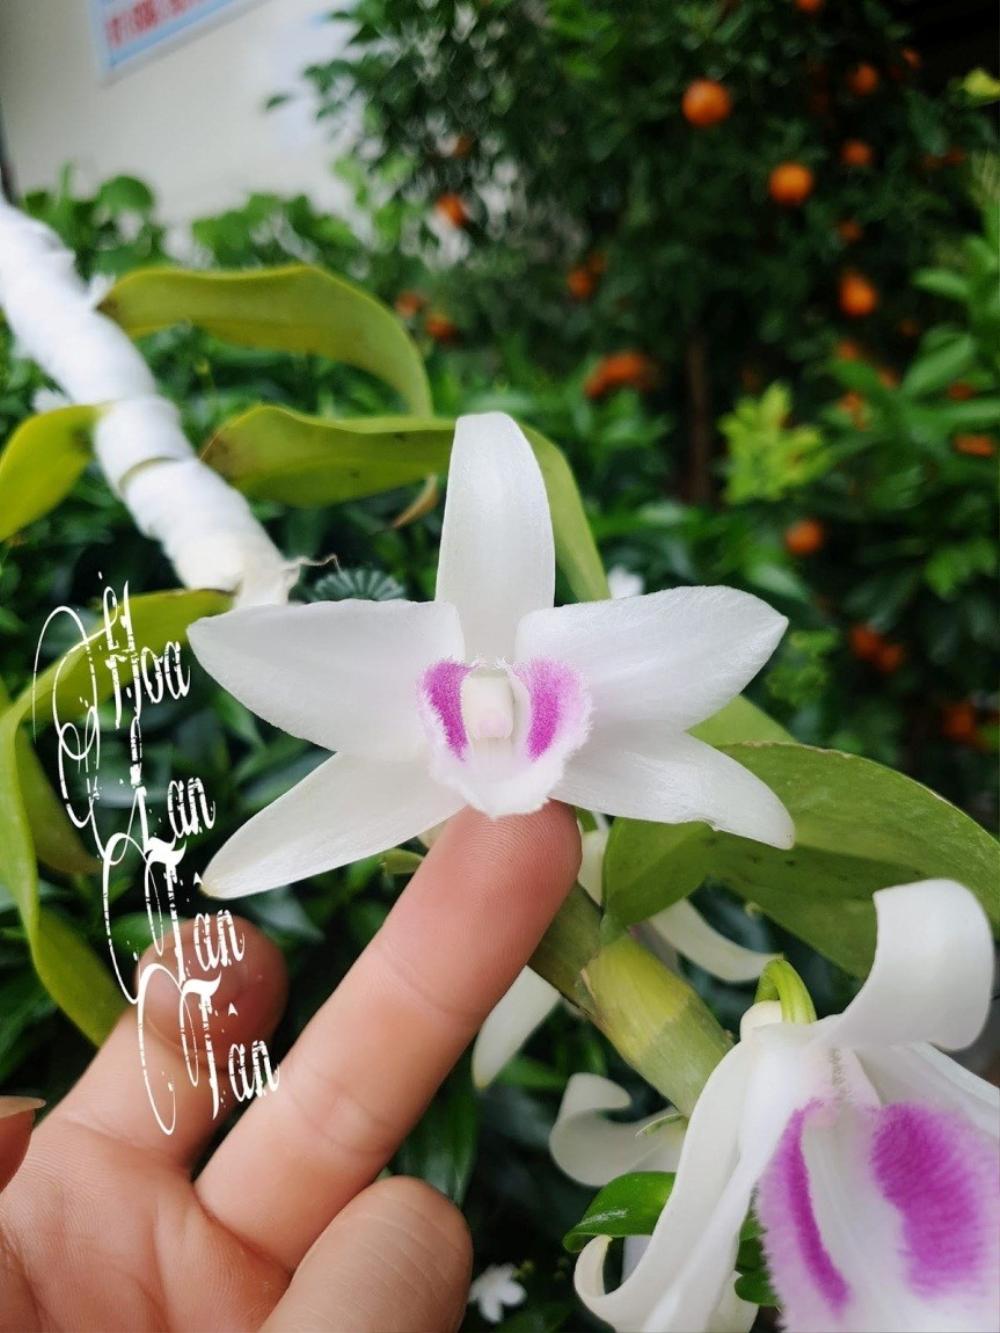 Nguyễn Duy Tân chia sẻ cách làm giàu từ cây hoa lan đột biến Ảnh 2